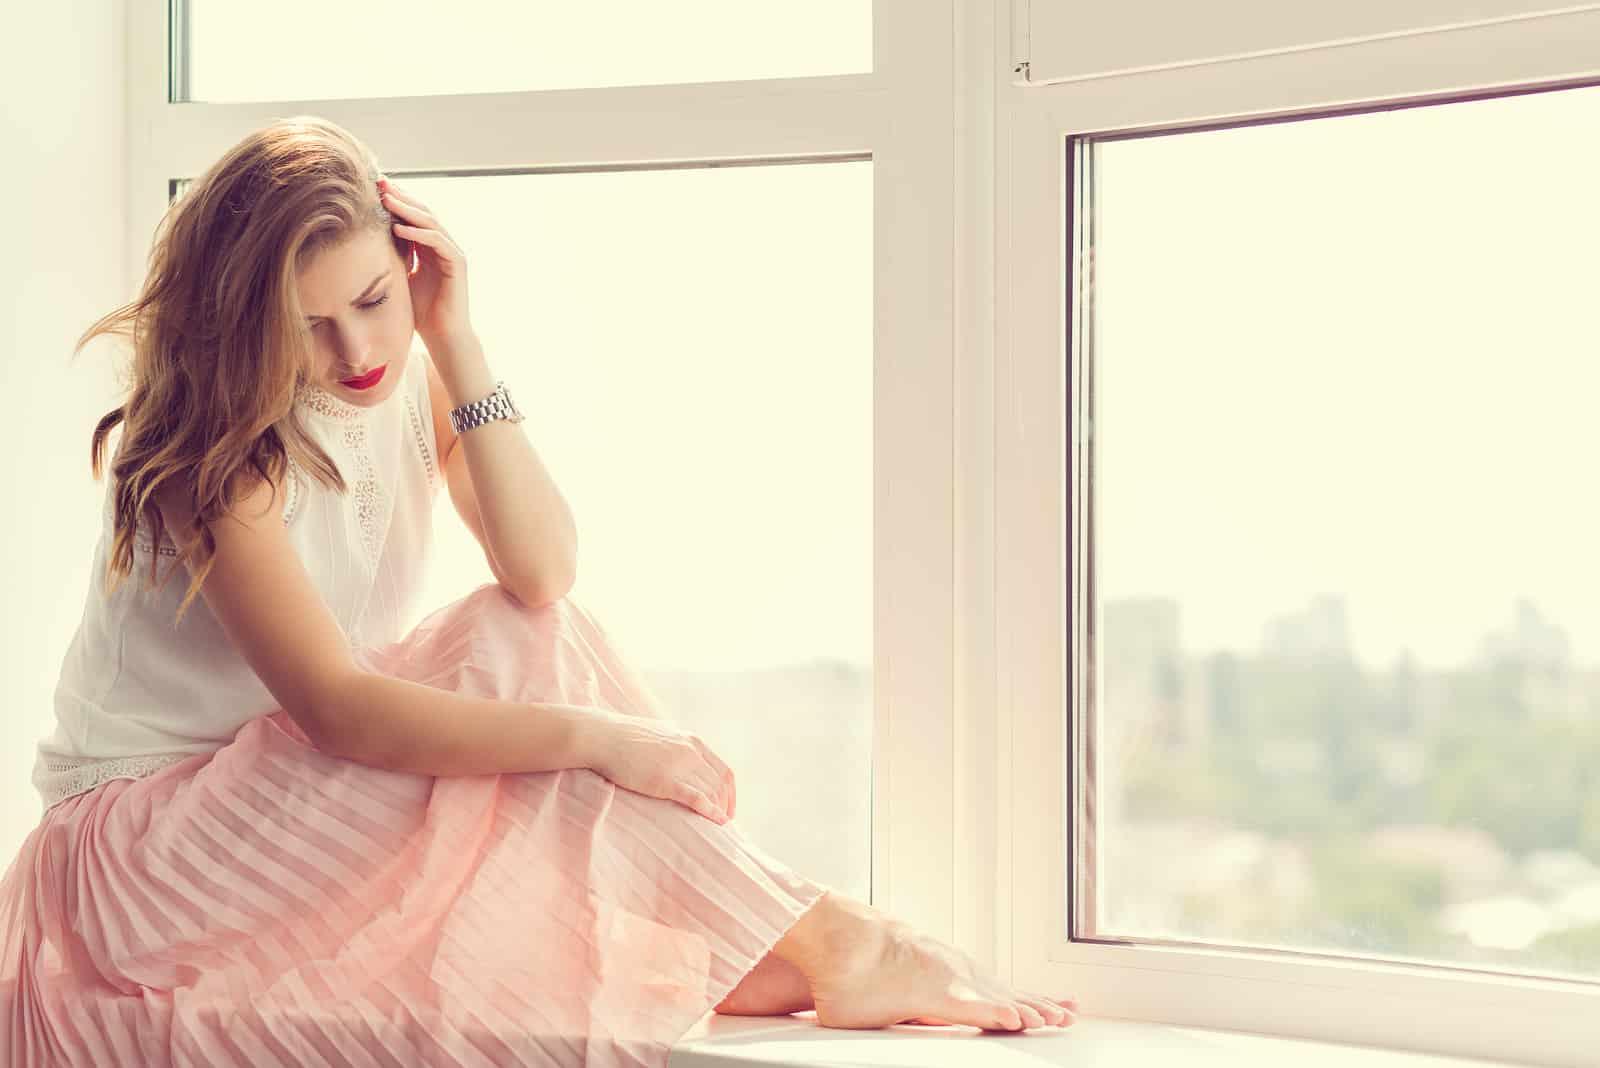 Une belle femme aux longs cheveux bruns est assise près de la fenêtre, les yeux baissés